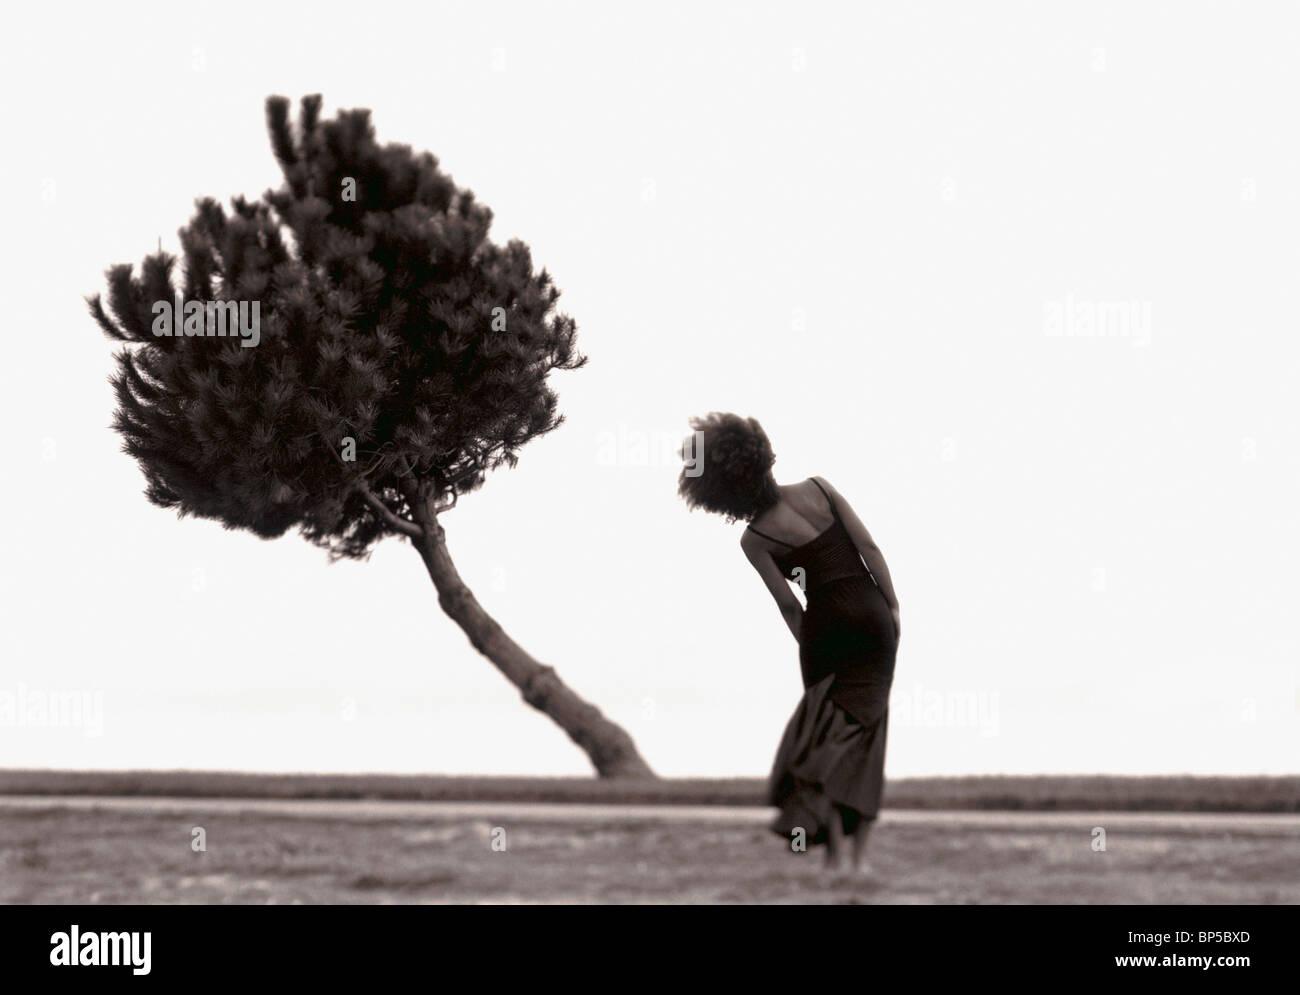 Mujer en el paisaje para imitar el cuerpo doblado doblado de árbol. Imagen De Stock